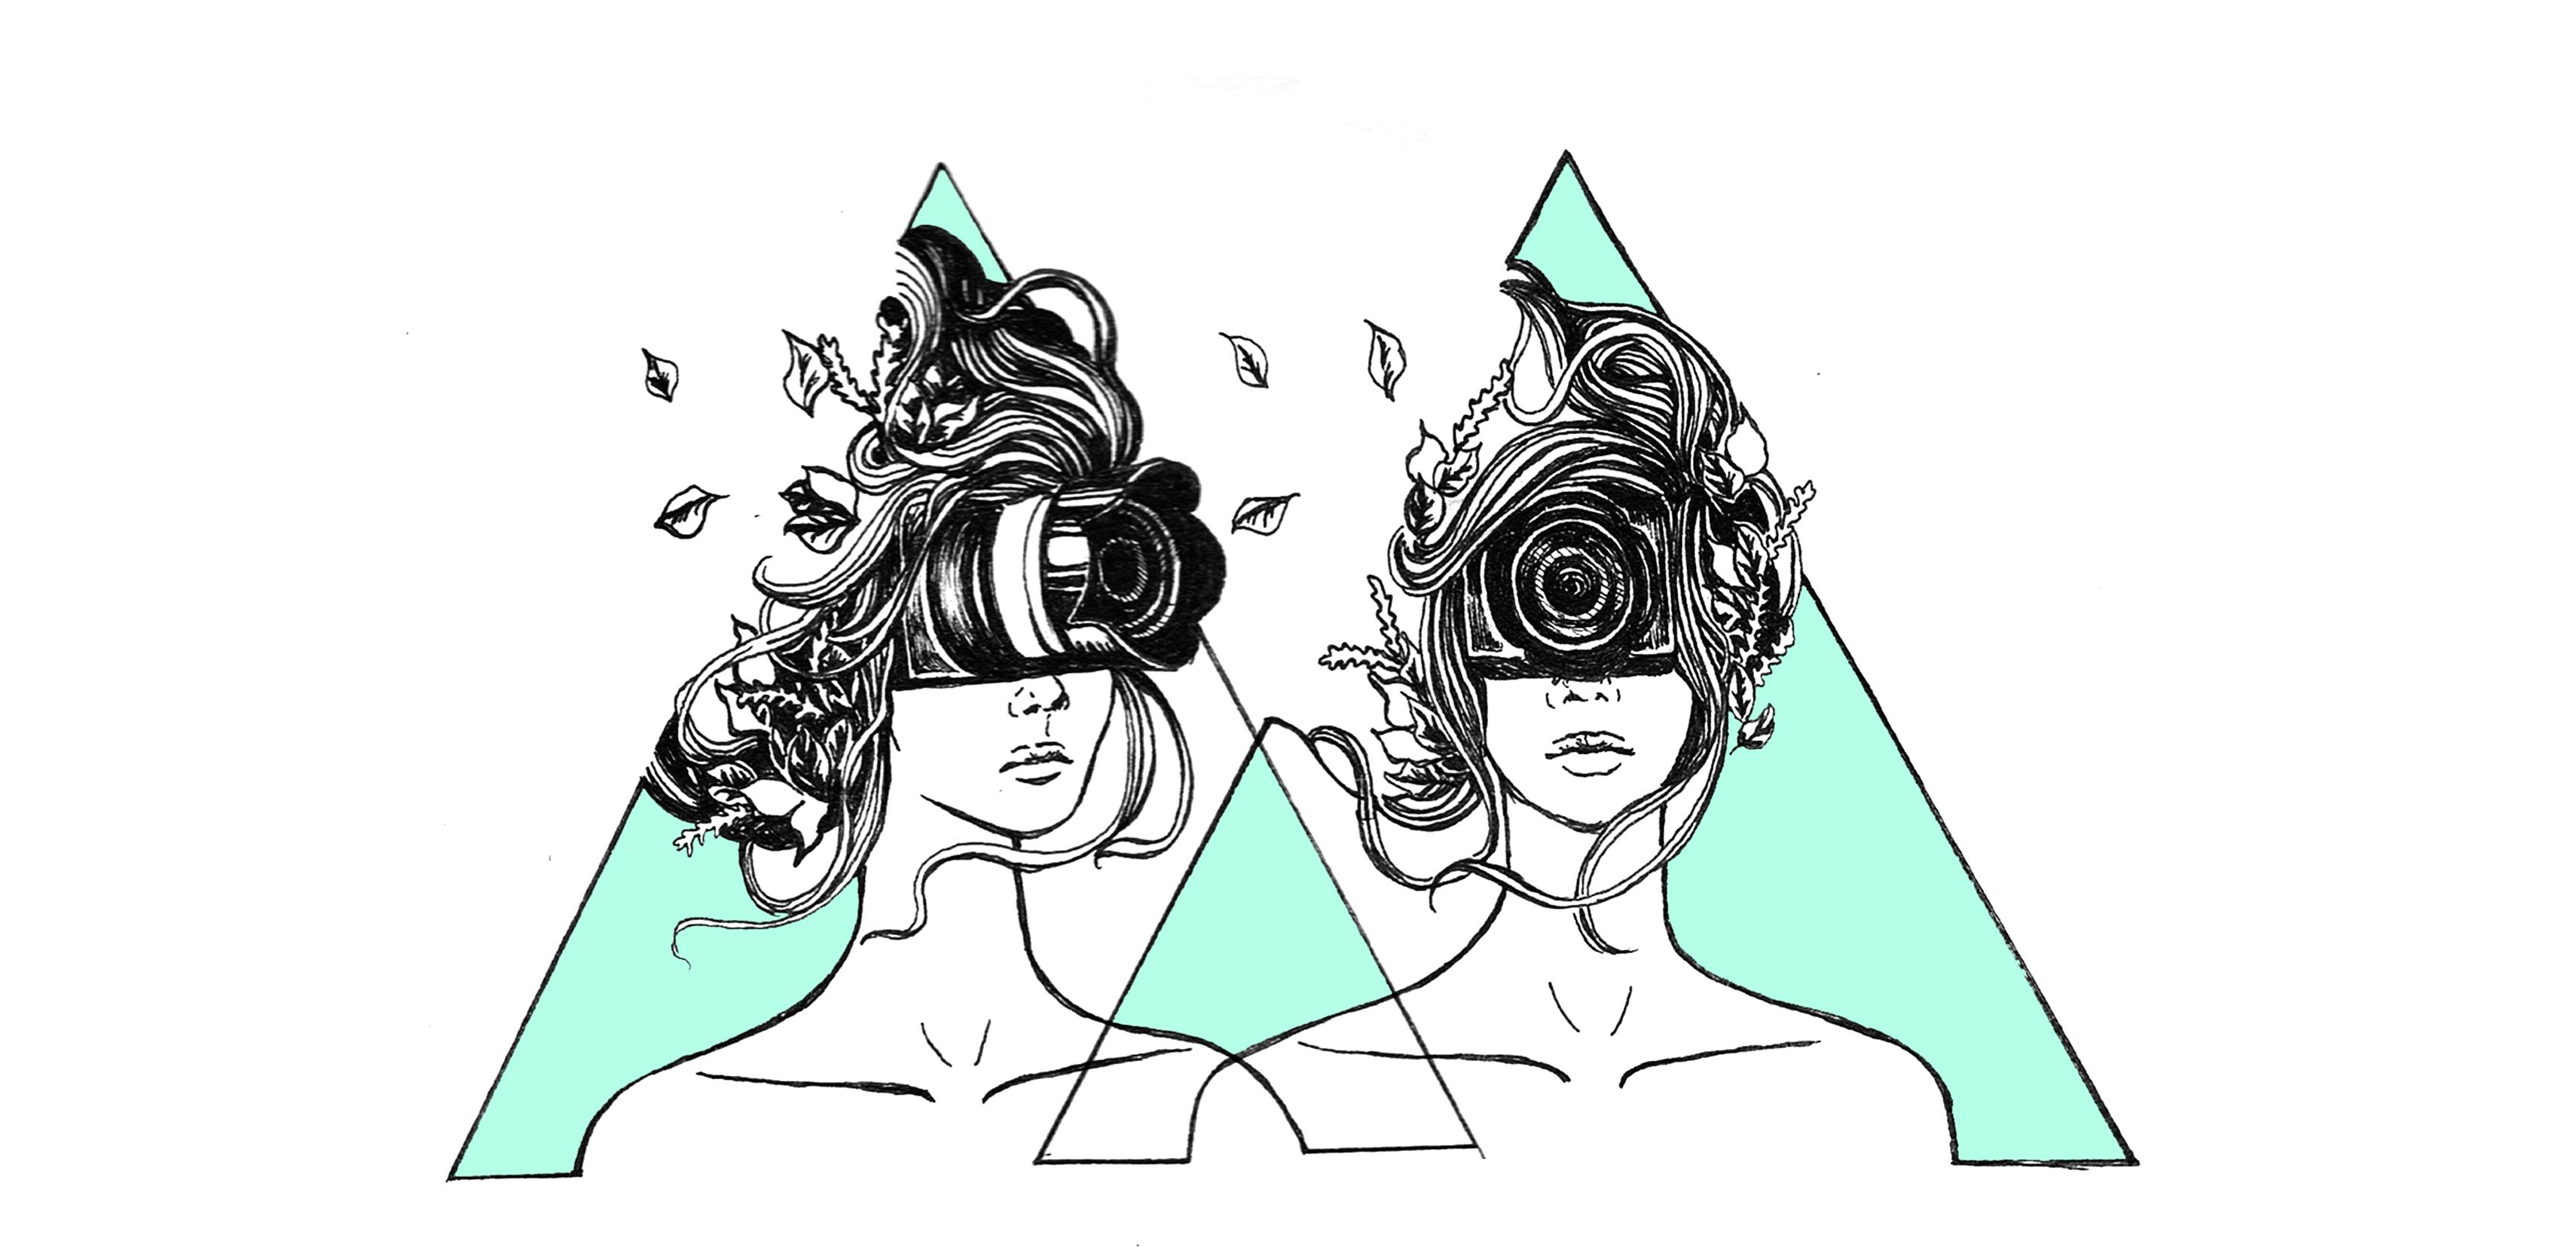 All seeing digital eye sisters